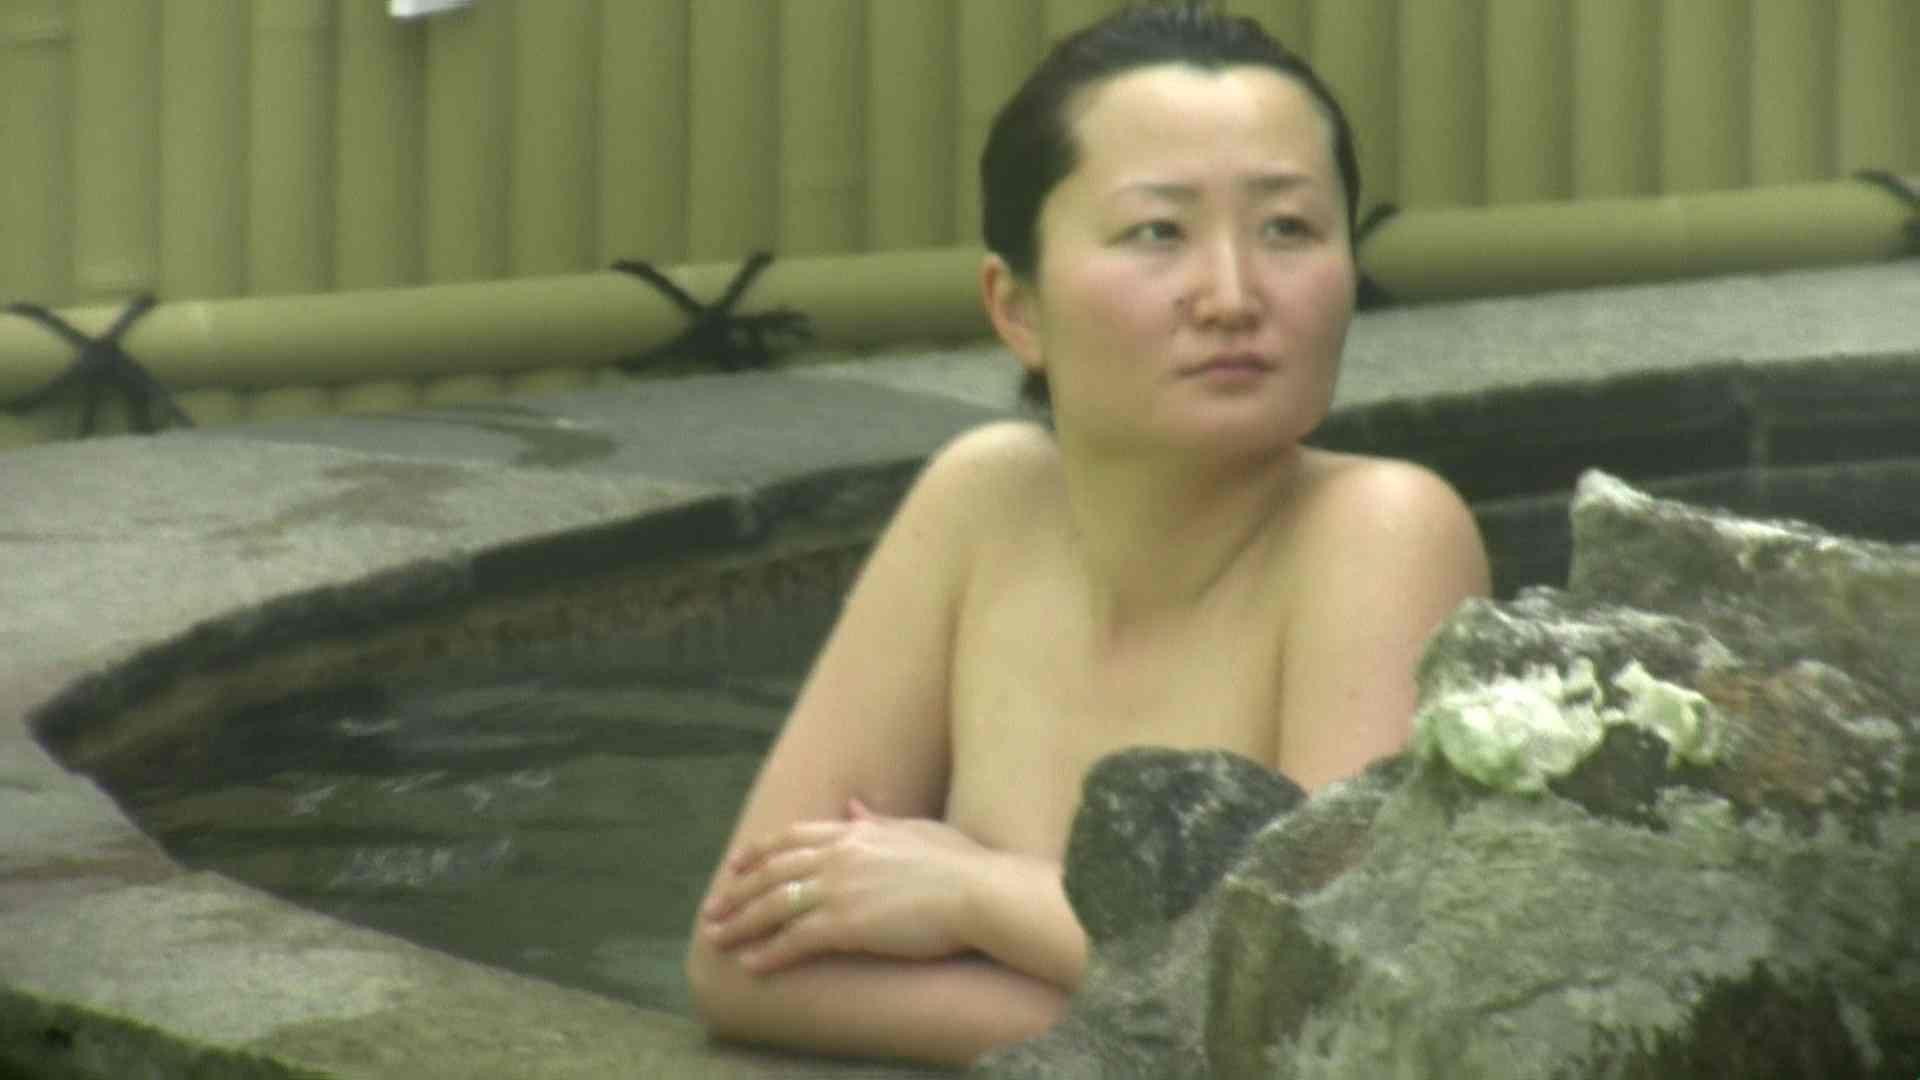 Aquaな露天風呂Vol.632 女体盗撮  75連発 48